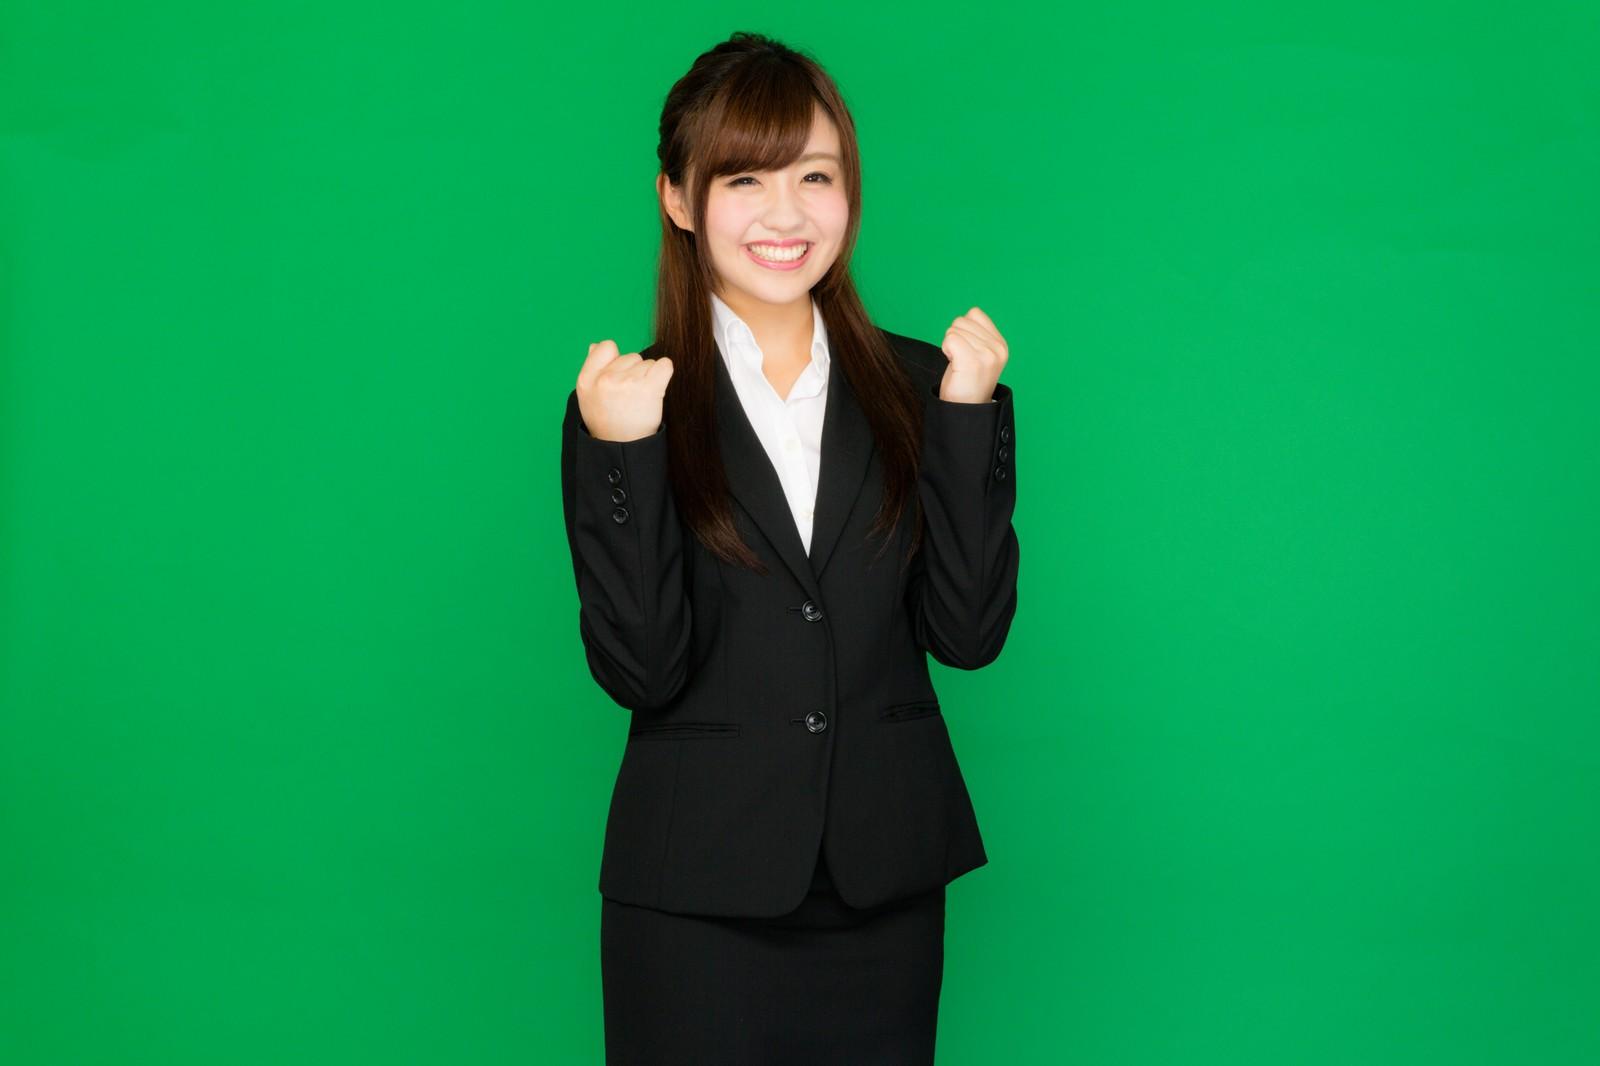 営業職から介護業界へ転職 数字に追われない仕事をしよう!